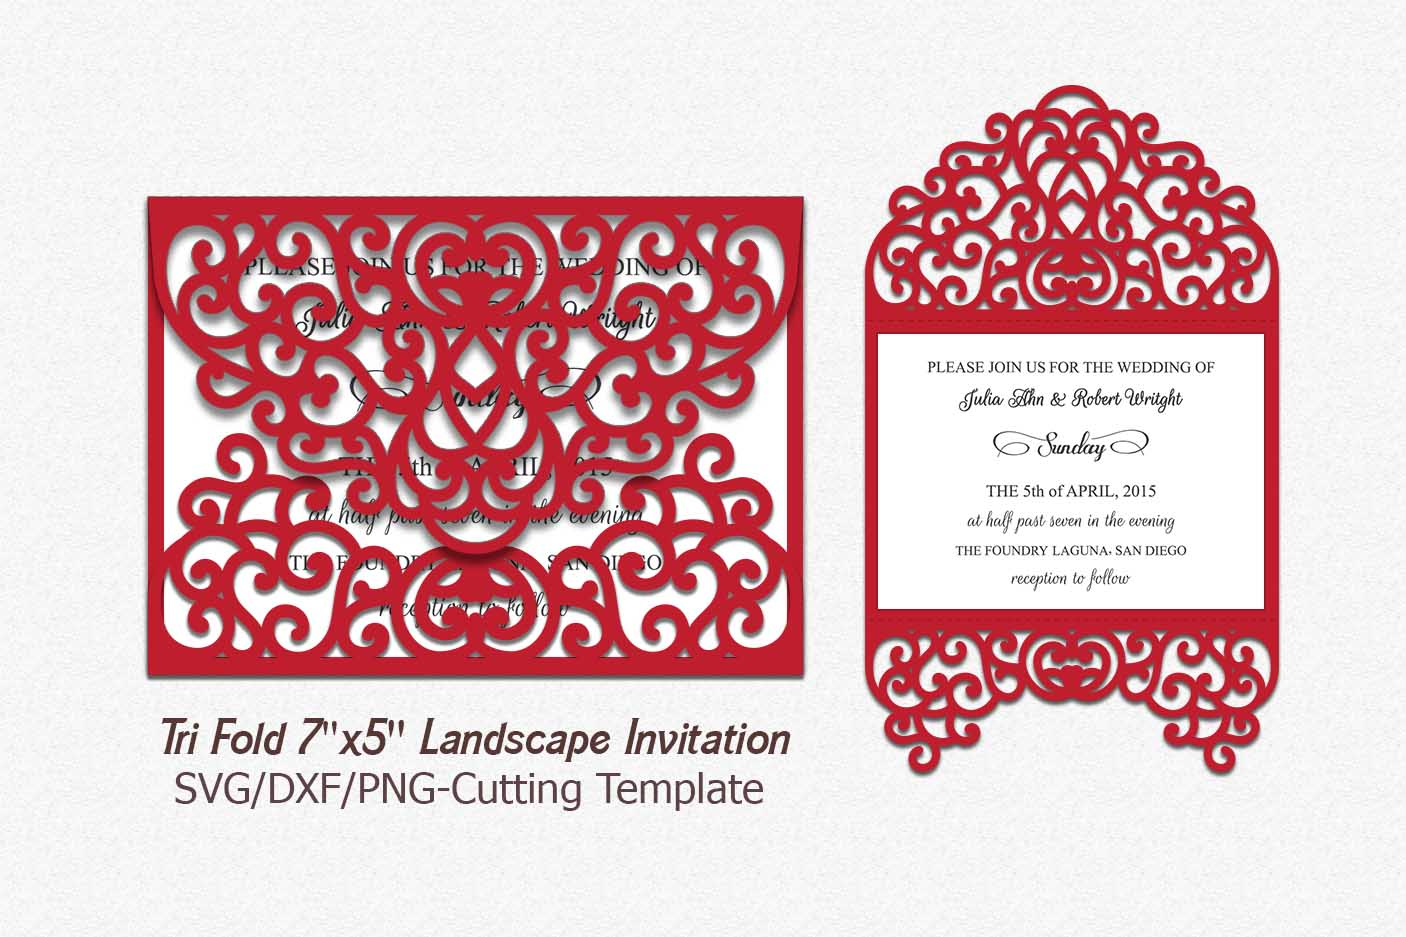 tri fold invitation svg, laser cut wedd | Design Bundles